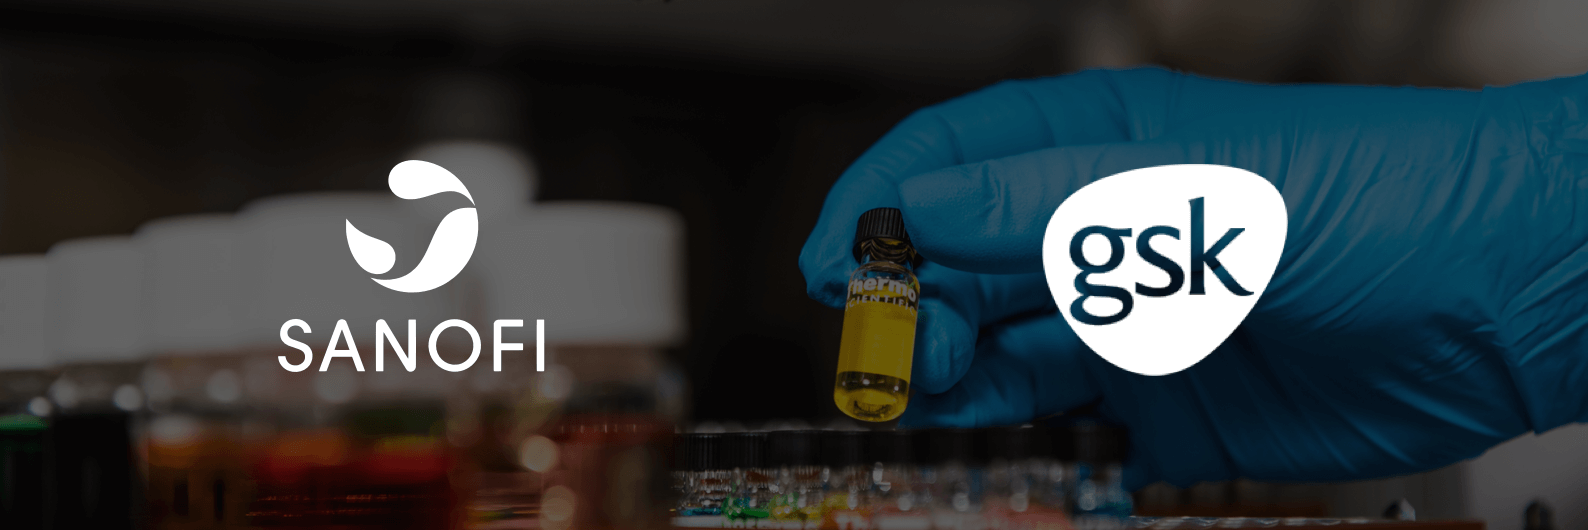 Sanofi - GlaxoSmithKline COVID-19 Vaccine Stock